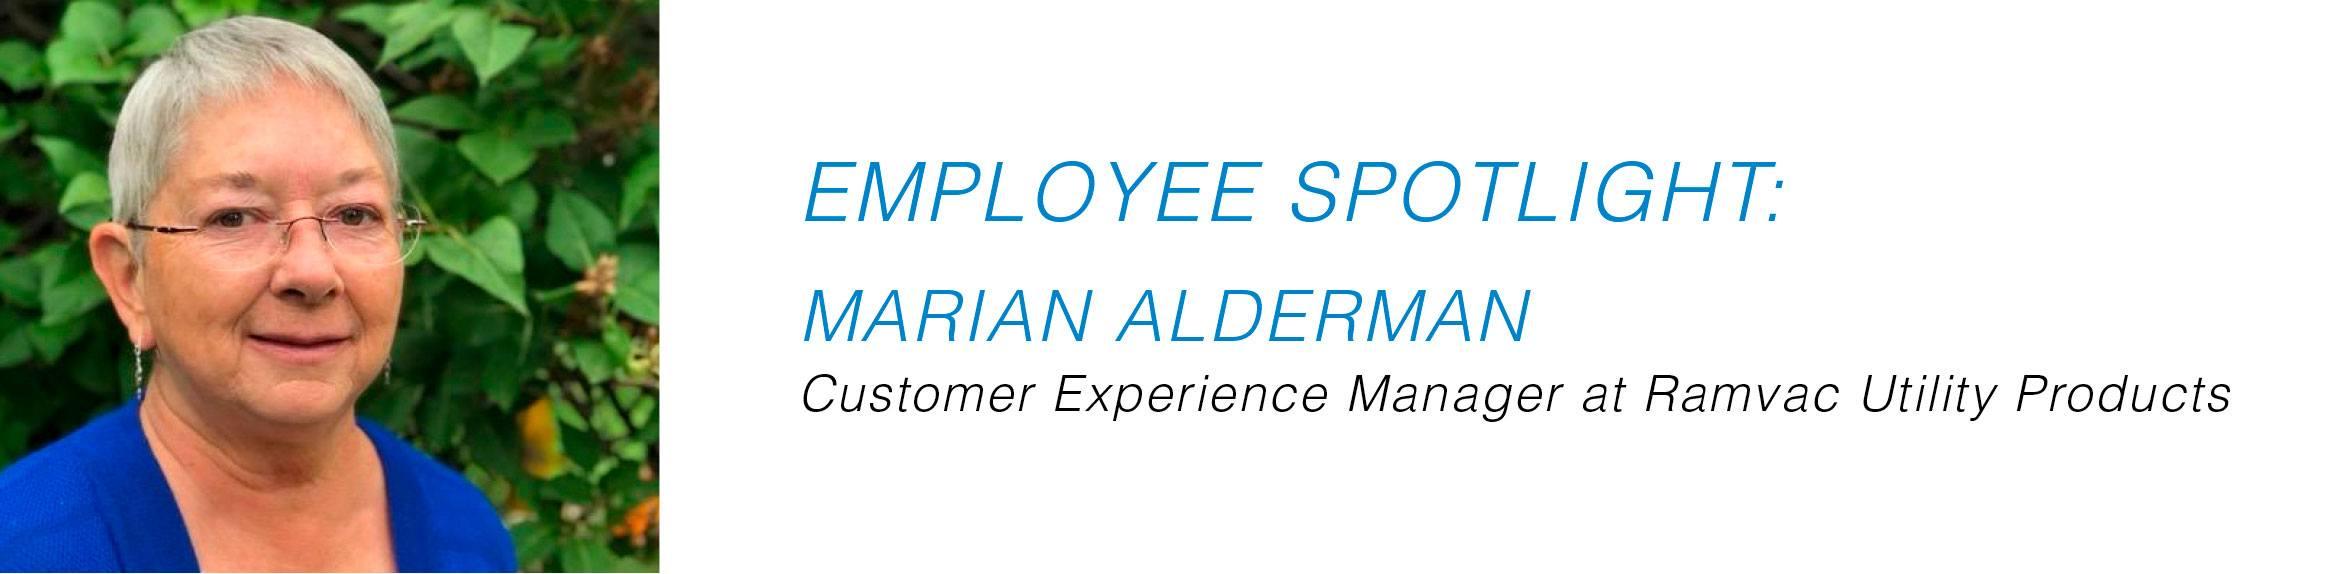 Employee Spotlight - Marian Alderman